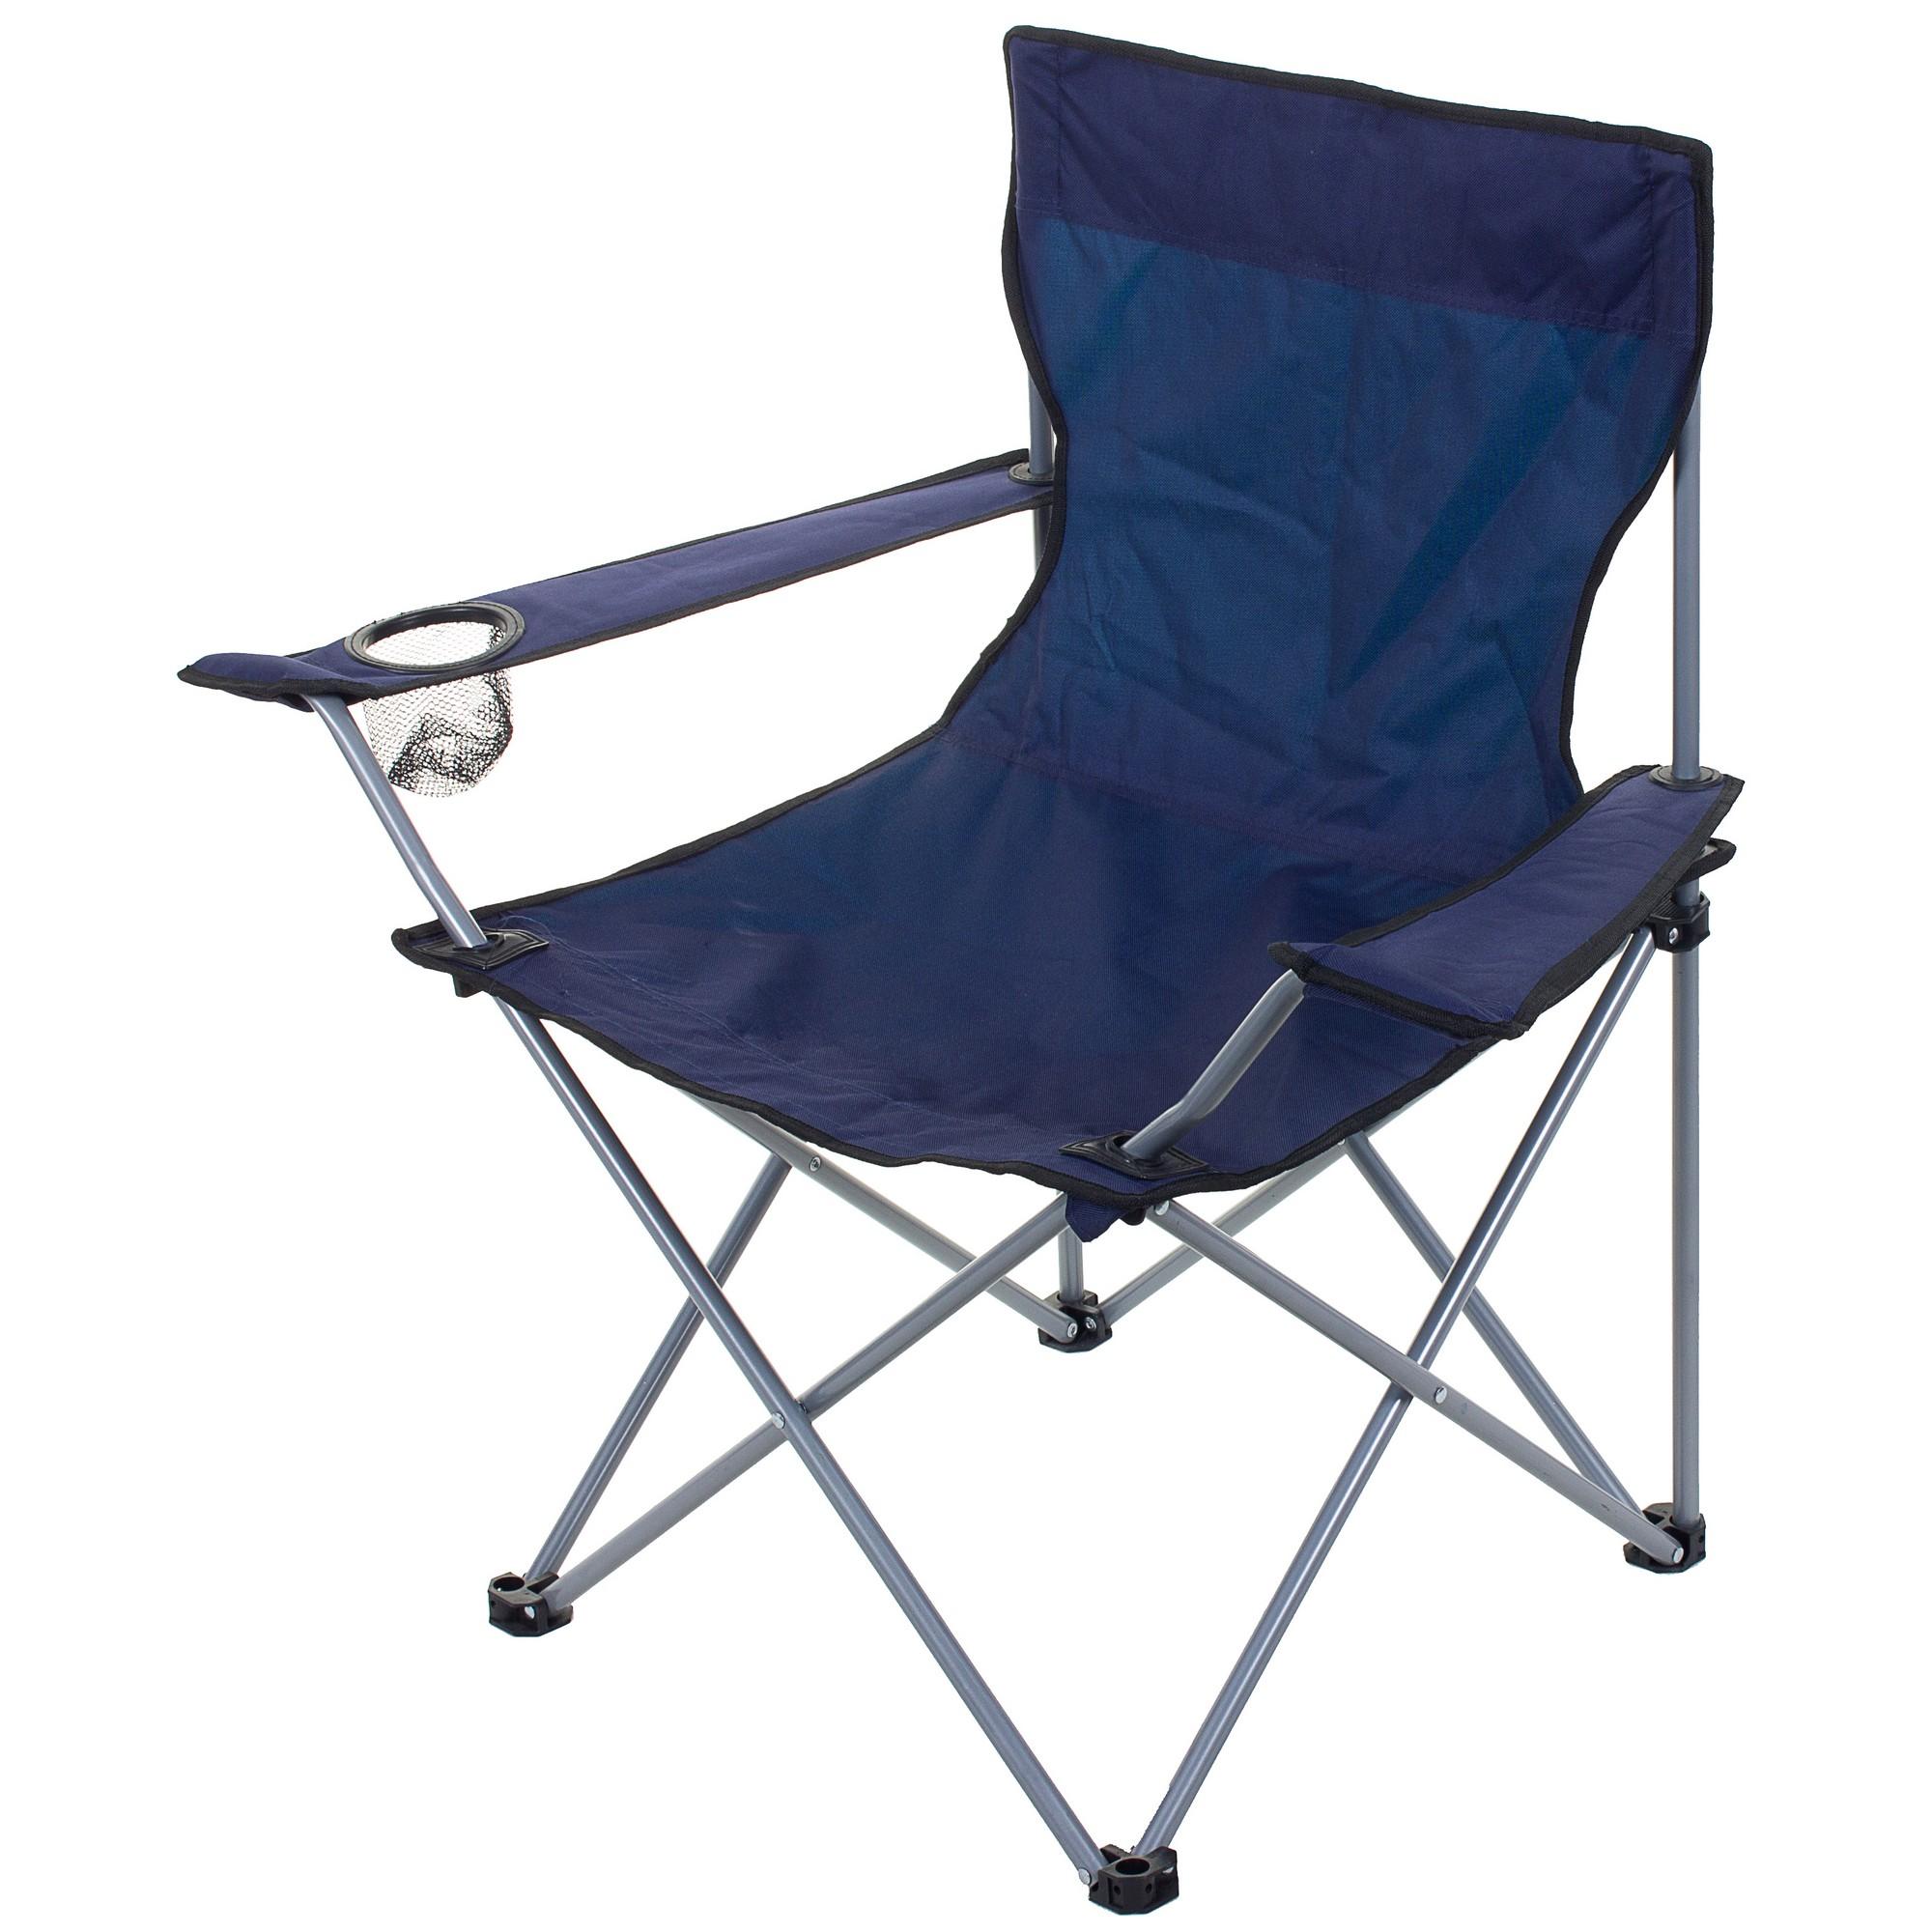 Кресло садовое 845x810x530 мм, с подстаканником, складное, цвет синий